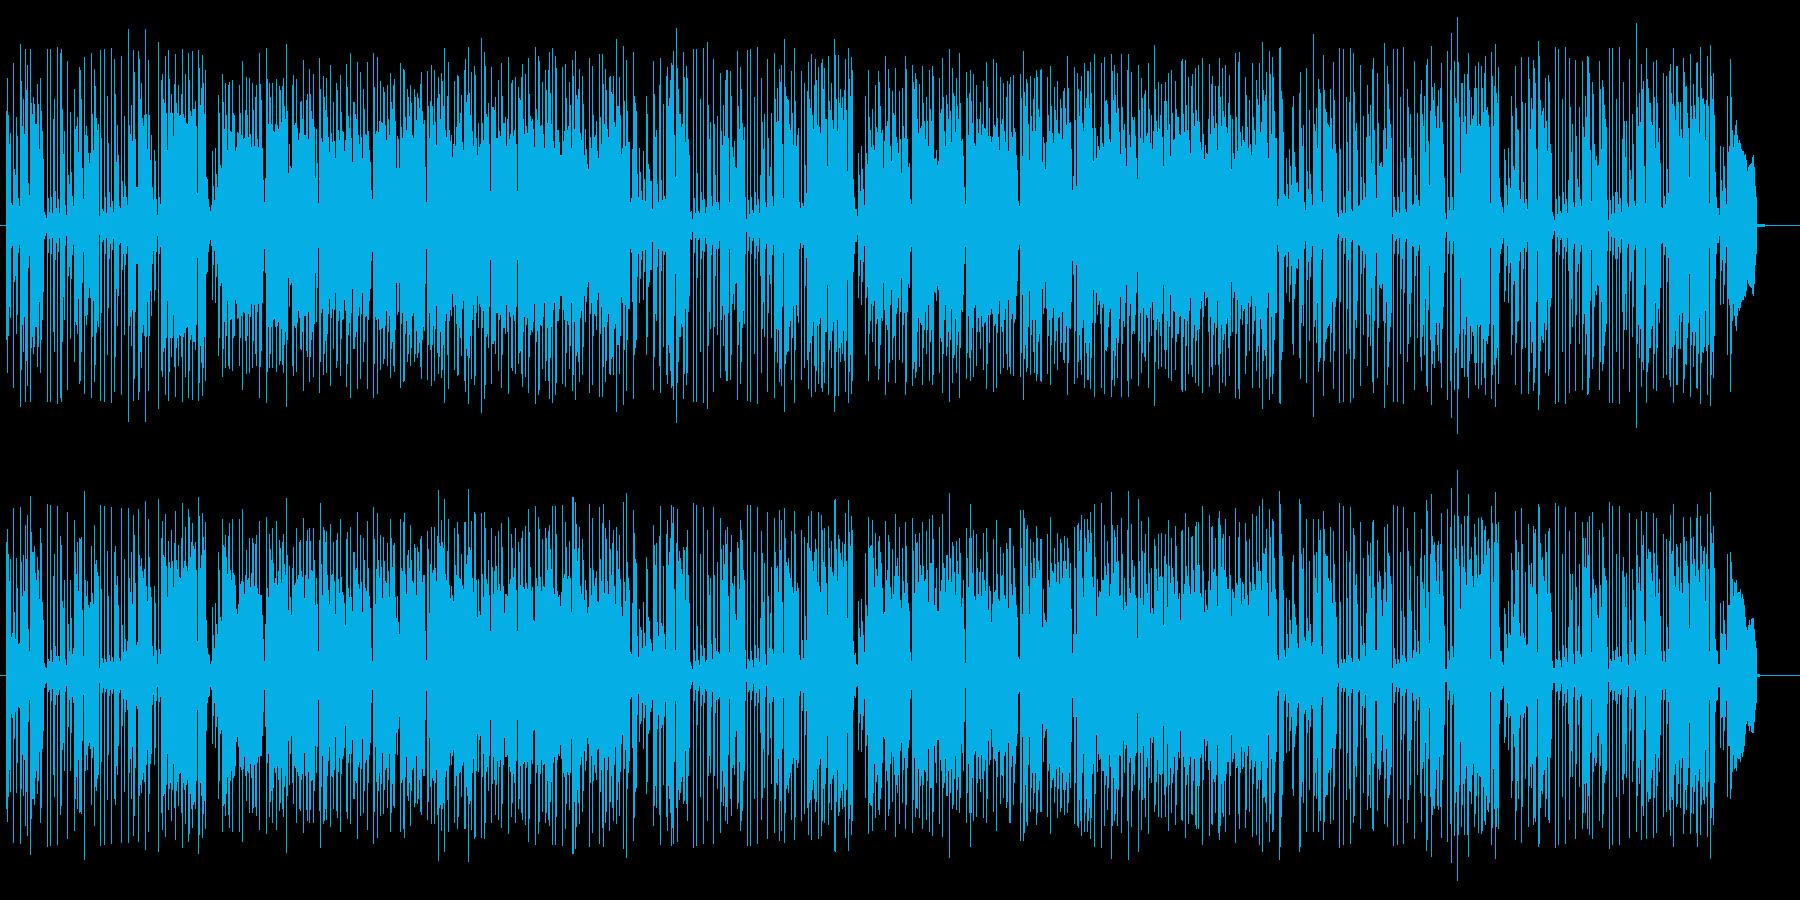 軽快でエキゾチックな音色が特徴のポップスの再生済みの波形